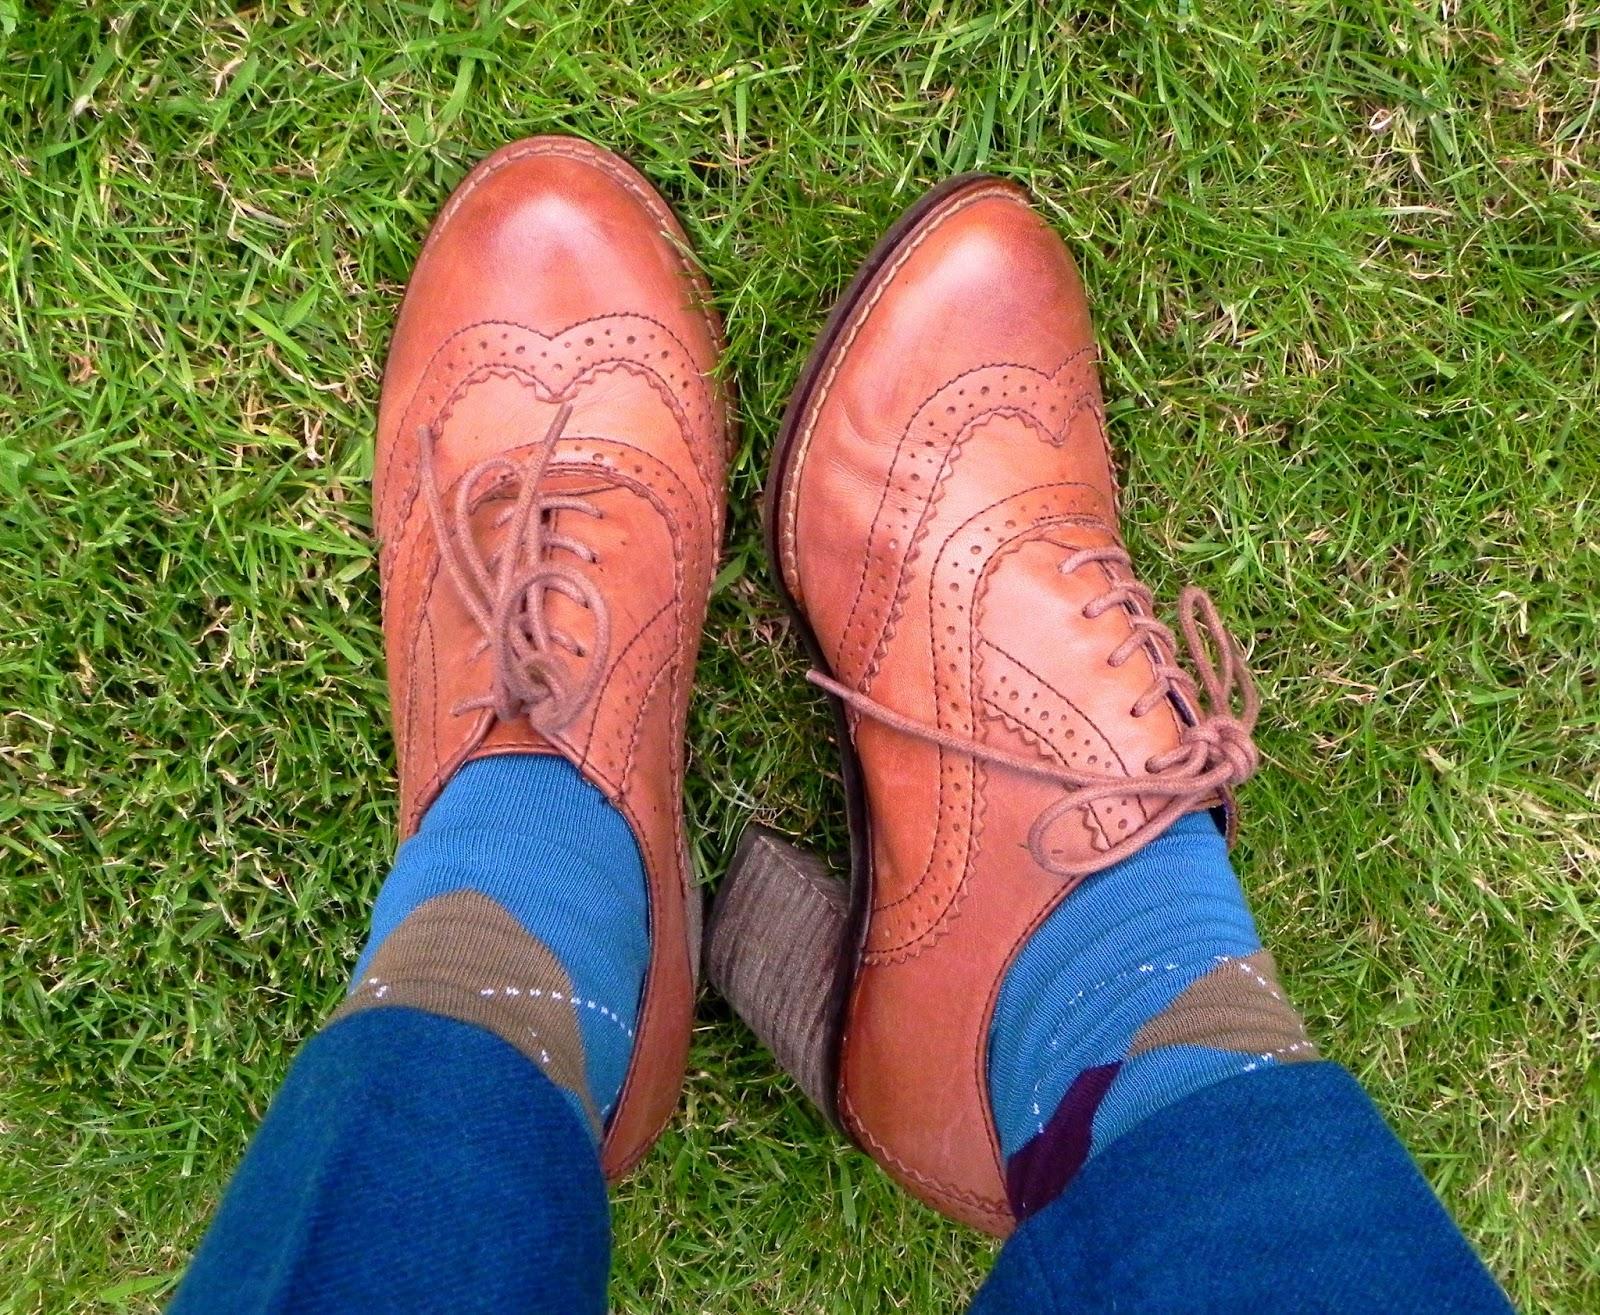 Clarks chunky brogues, argyll socks.